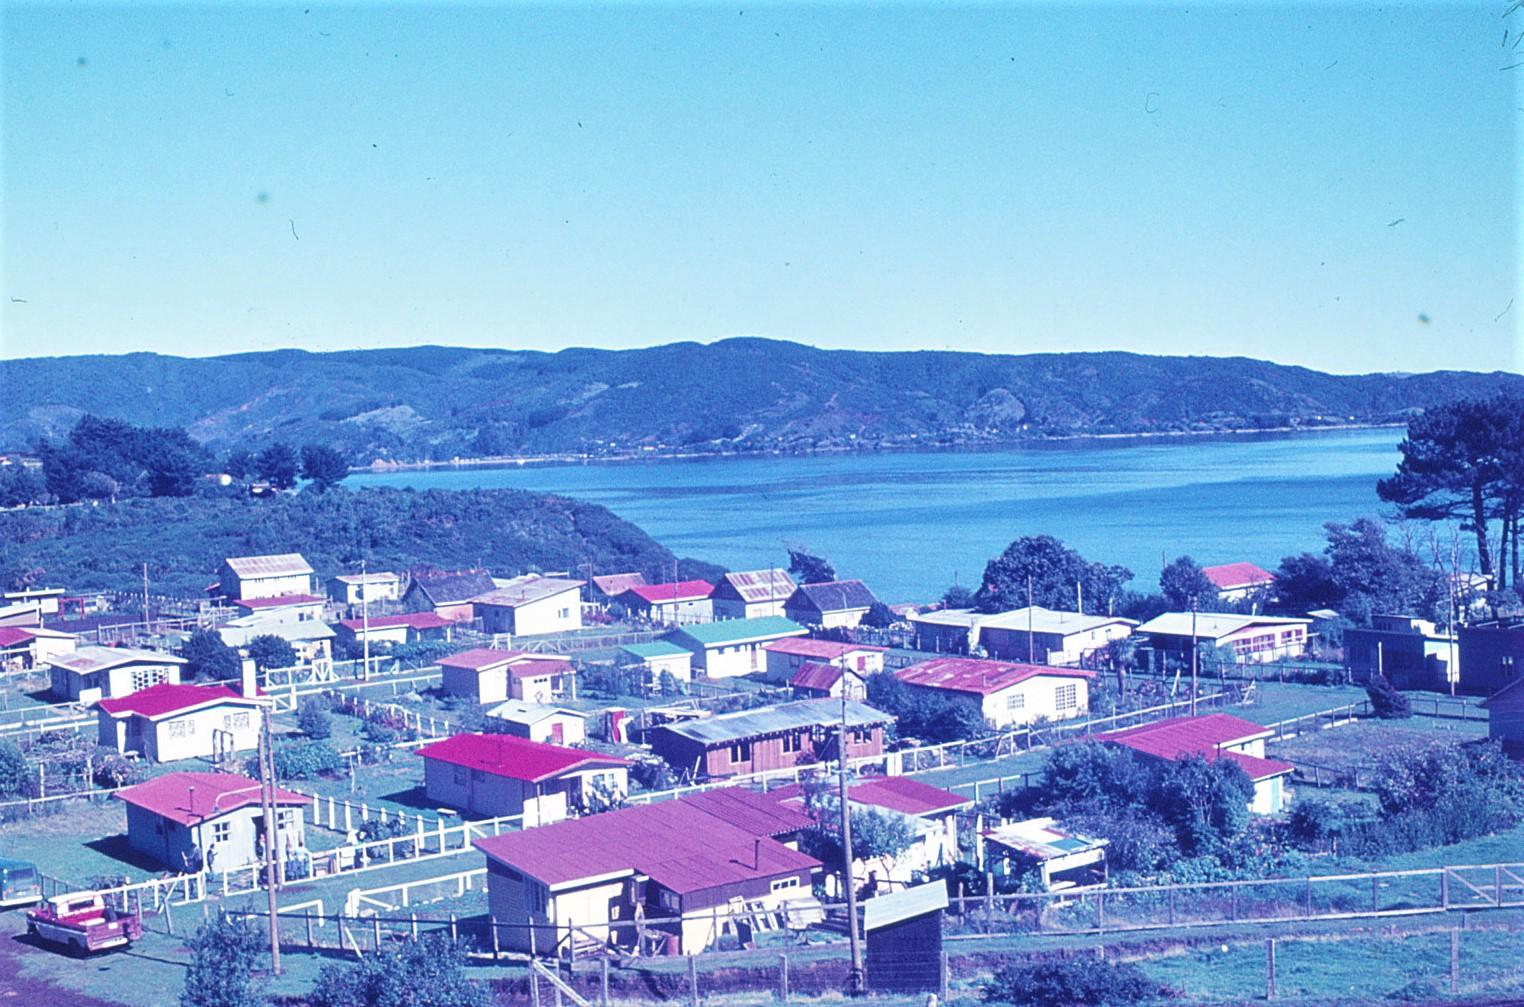 Enterreno - Fotos históricas de chile - fotos antiguas de Chile - Niebla ca. 1970